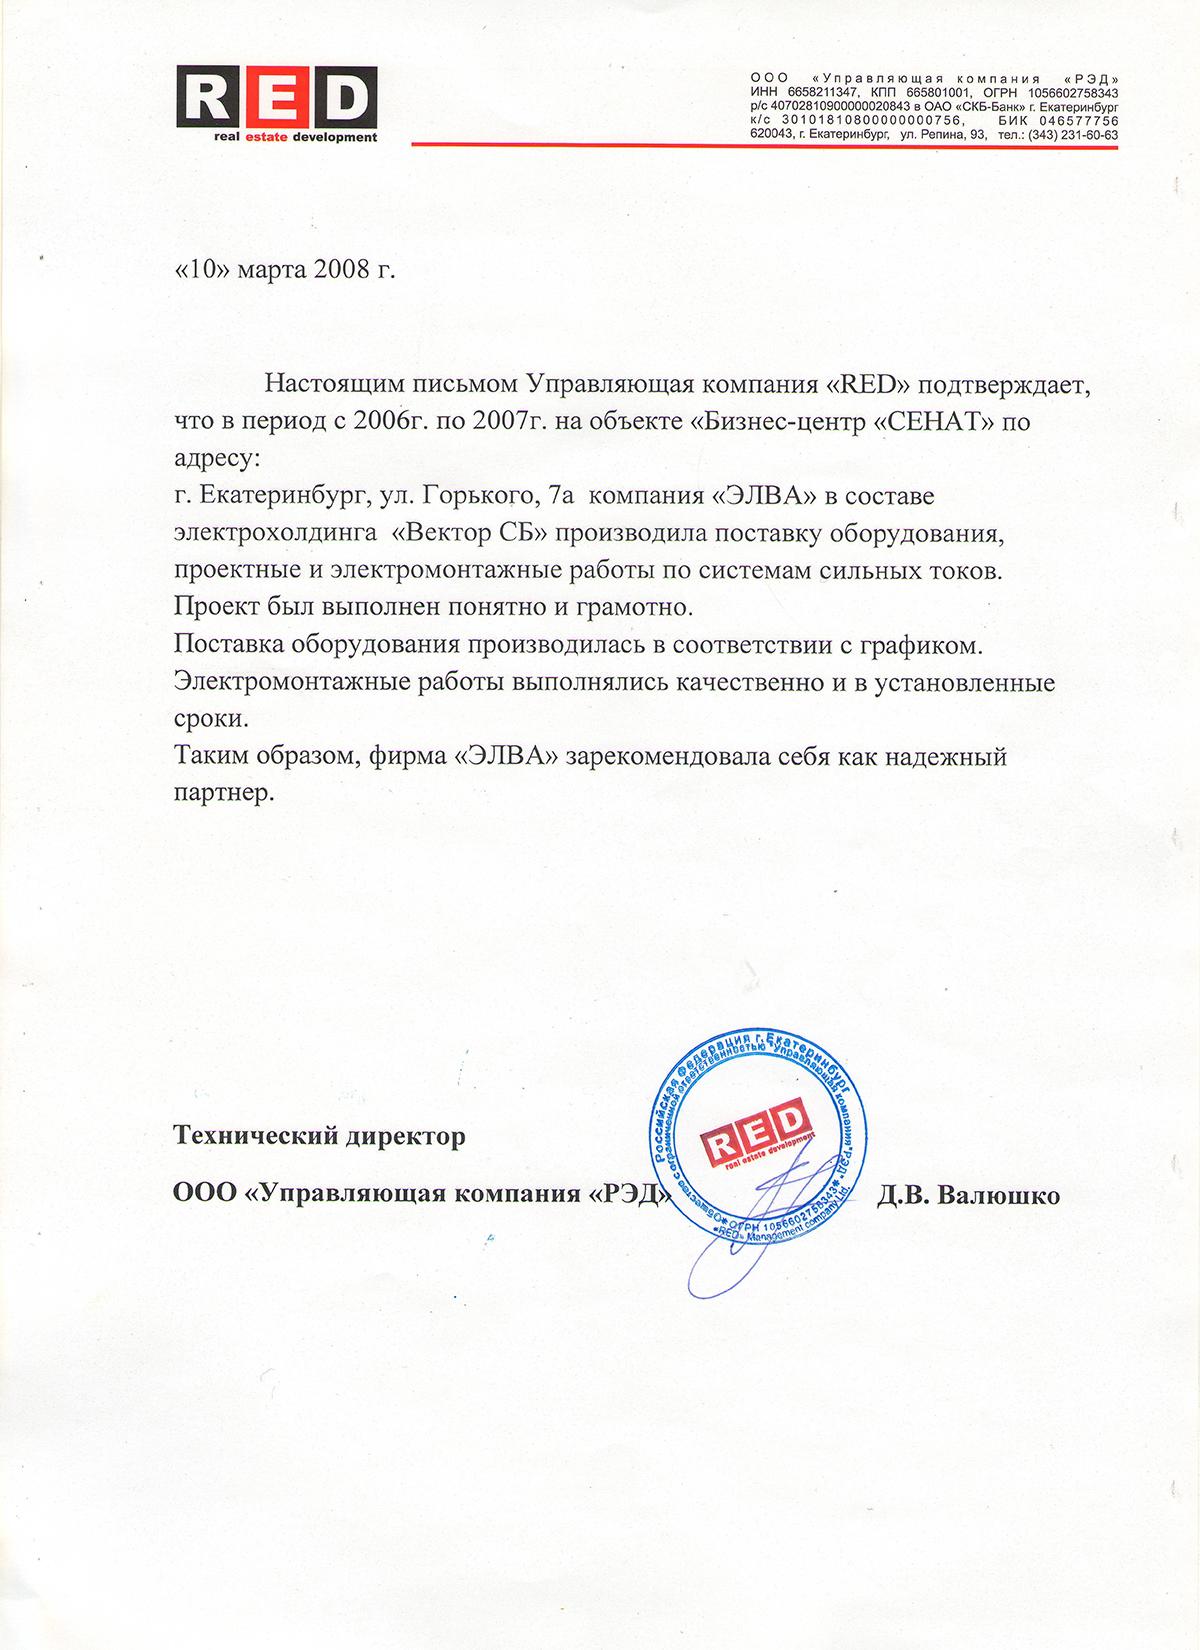 pismo-ot-red_1200